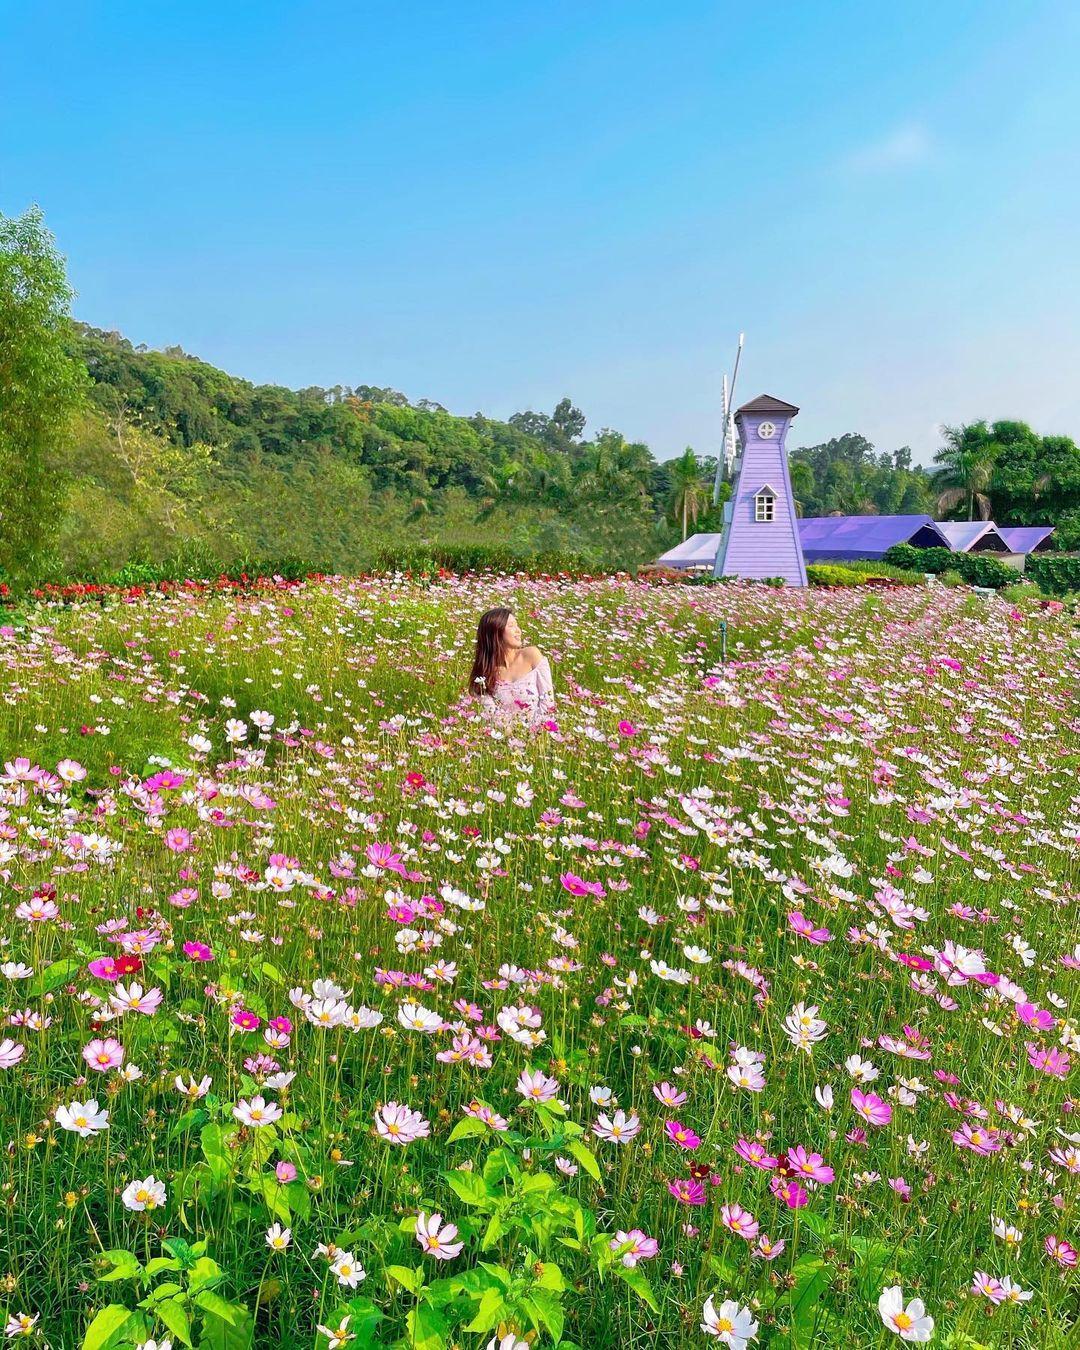 仿佛身處外國旅行的粉紅花田,係蝶豆花園就有啦!(圖片來源:IG@ca3sandra)